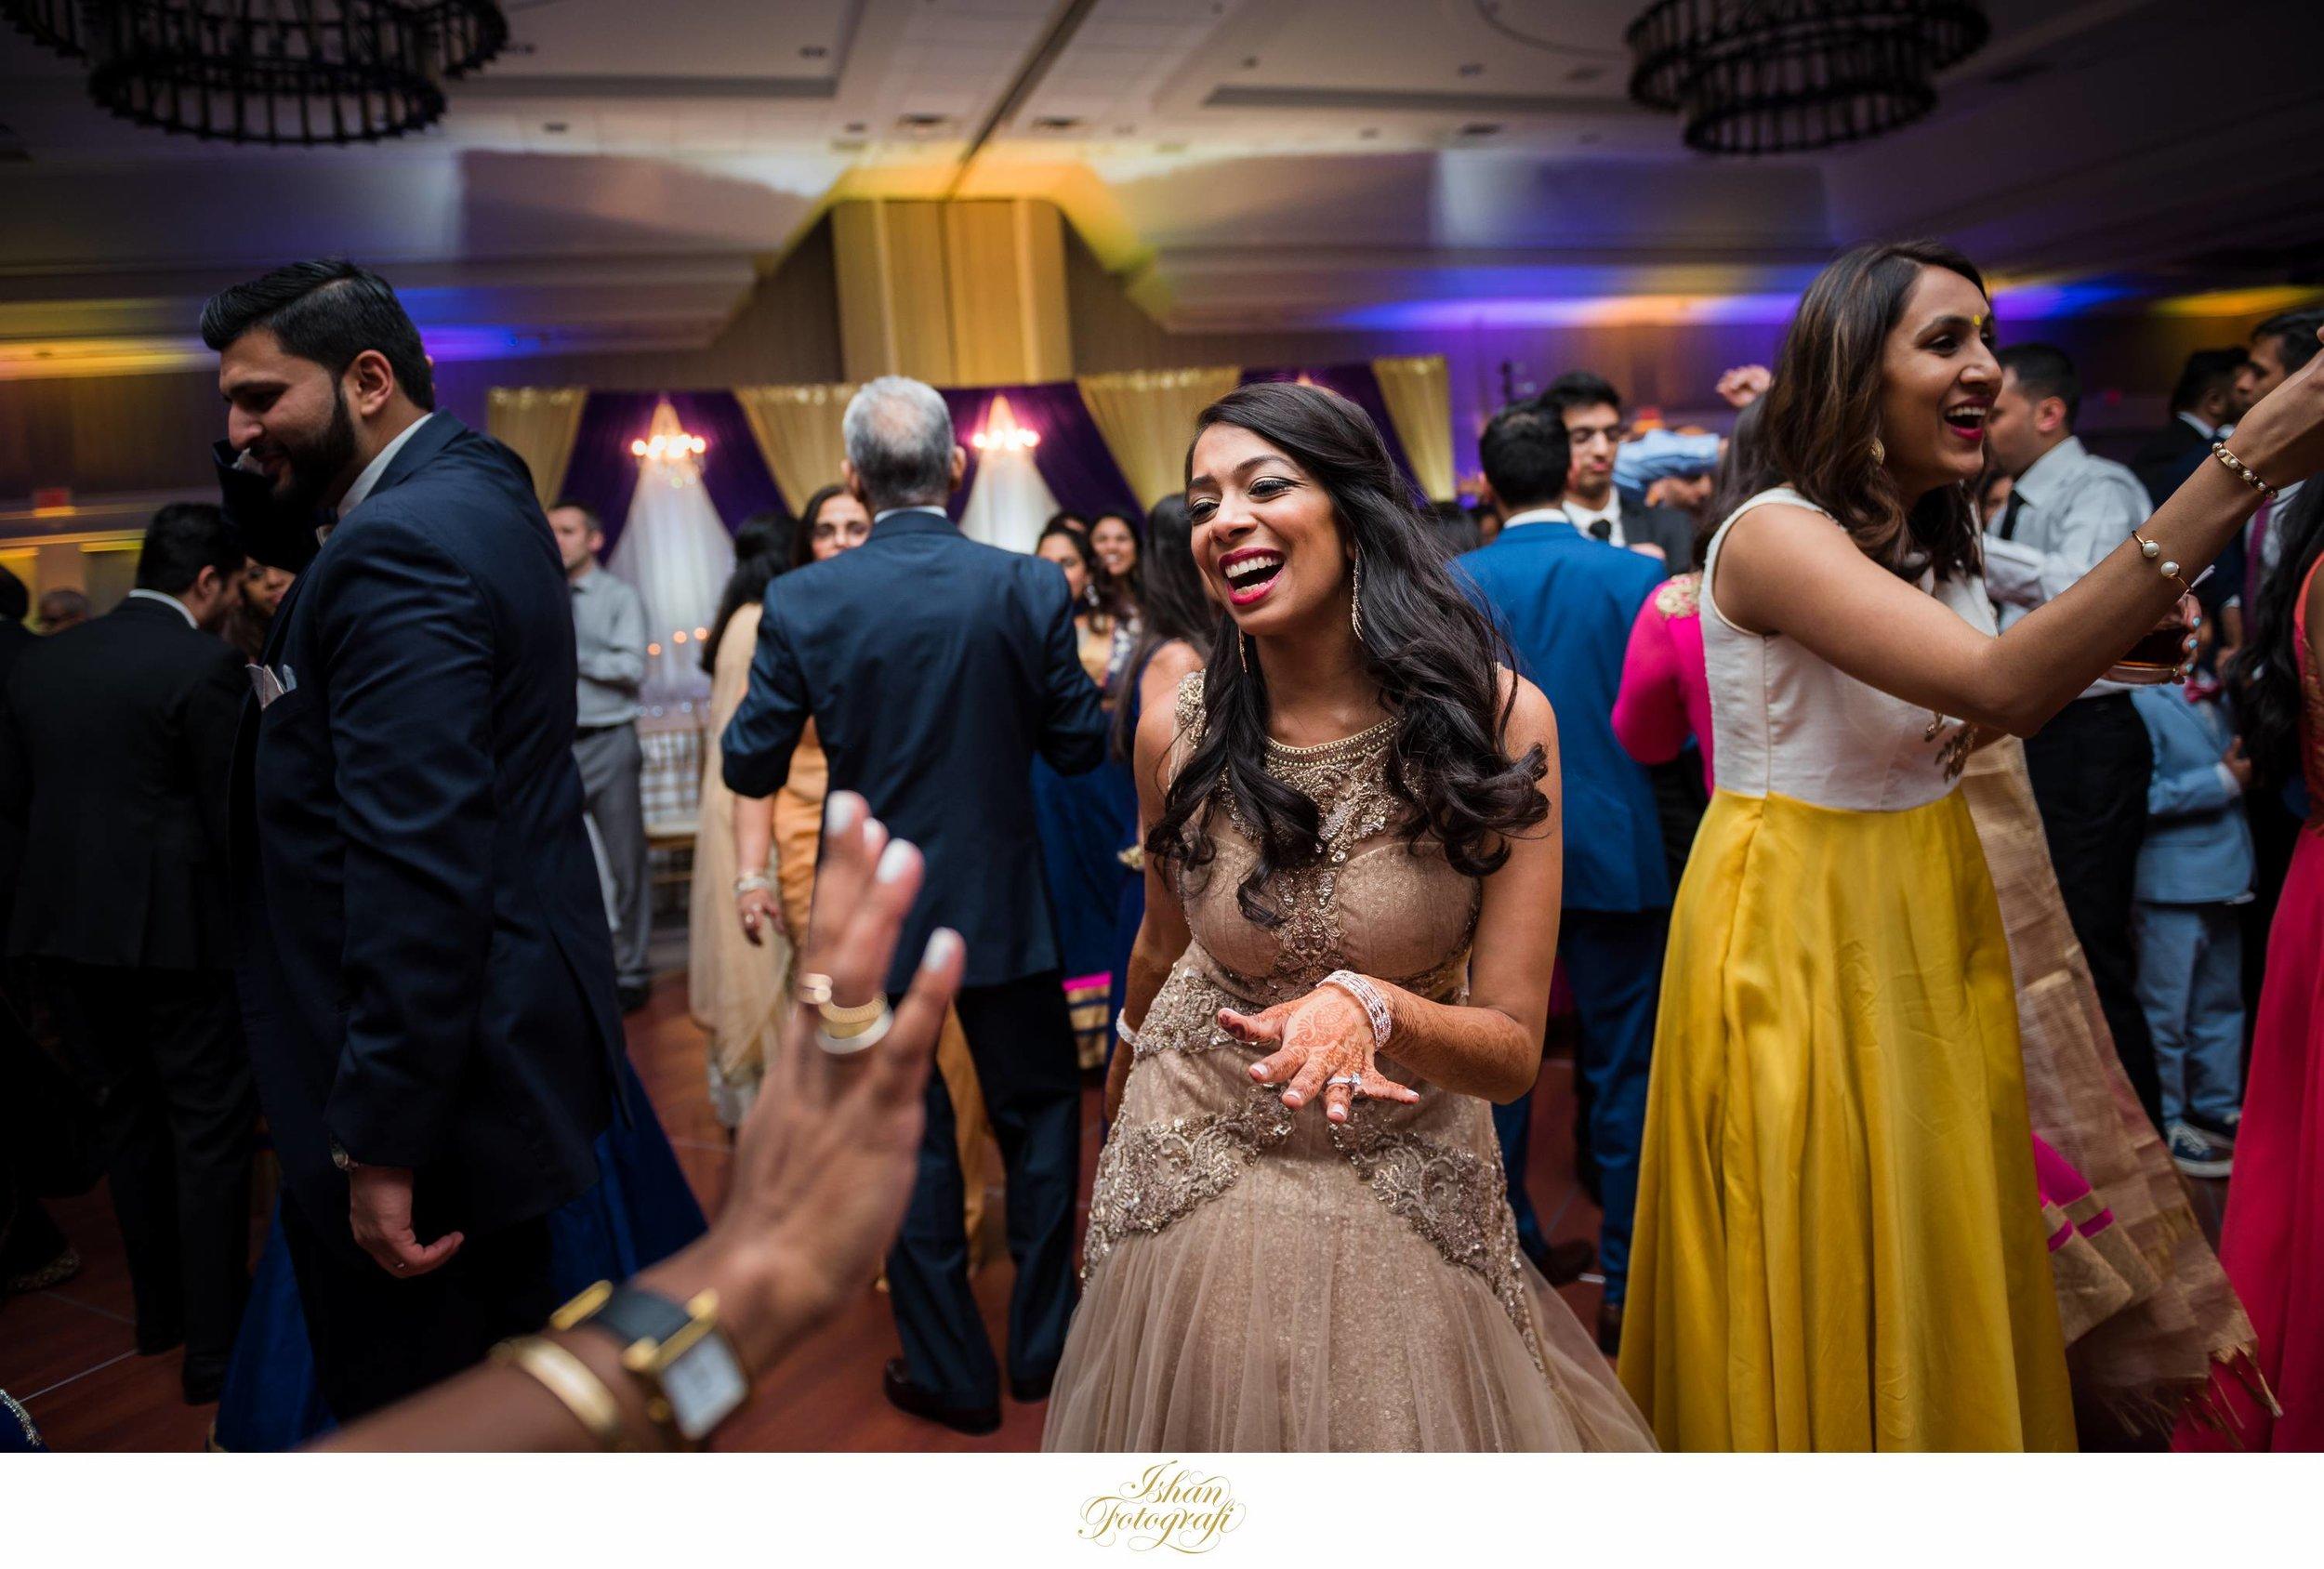 hanover-marriott-wedding-reception